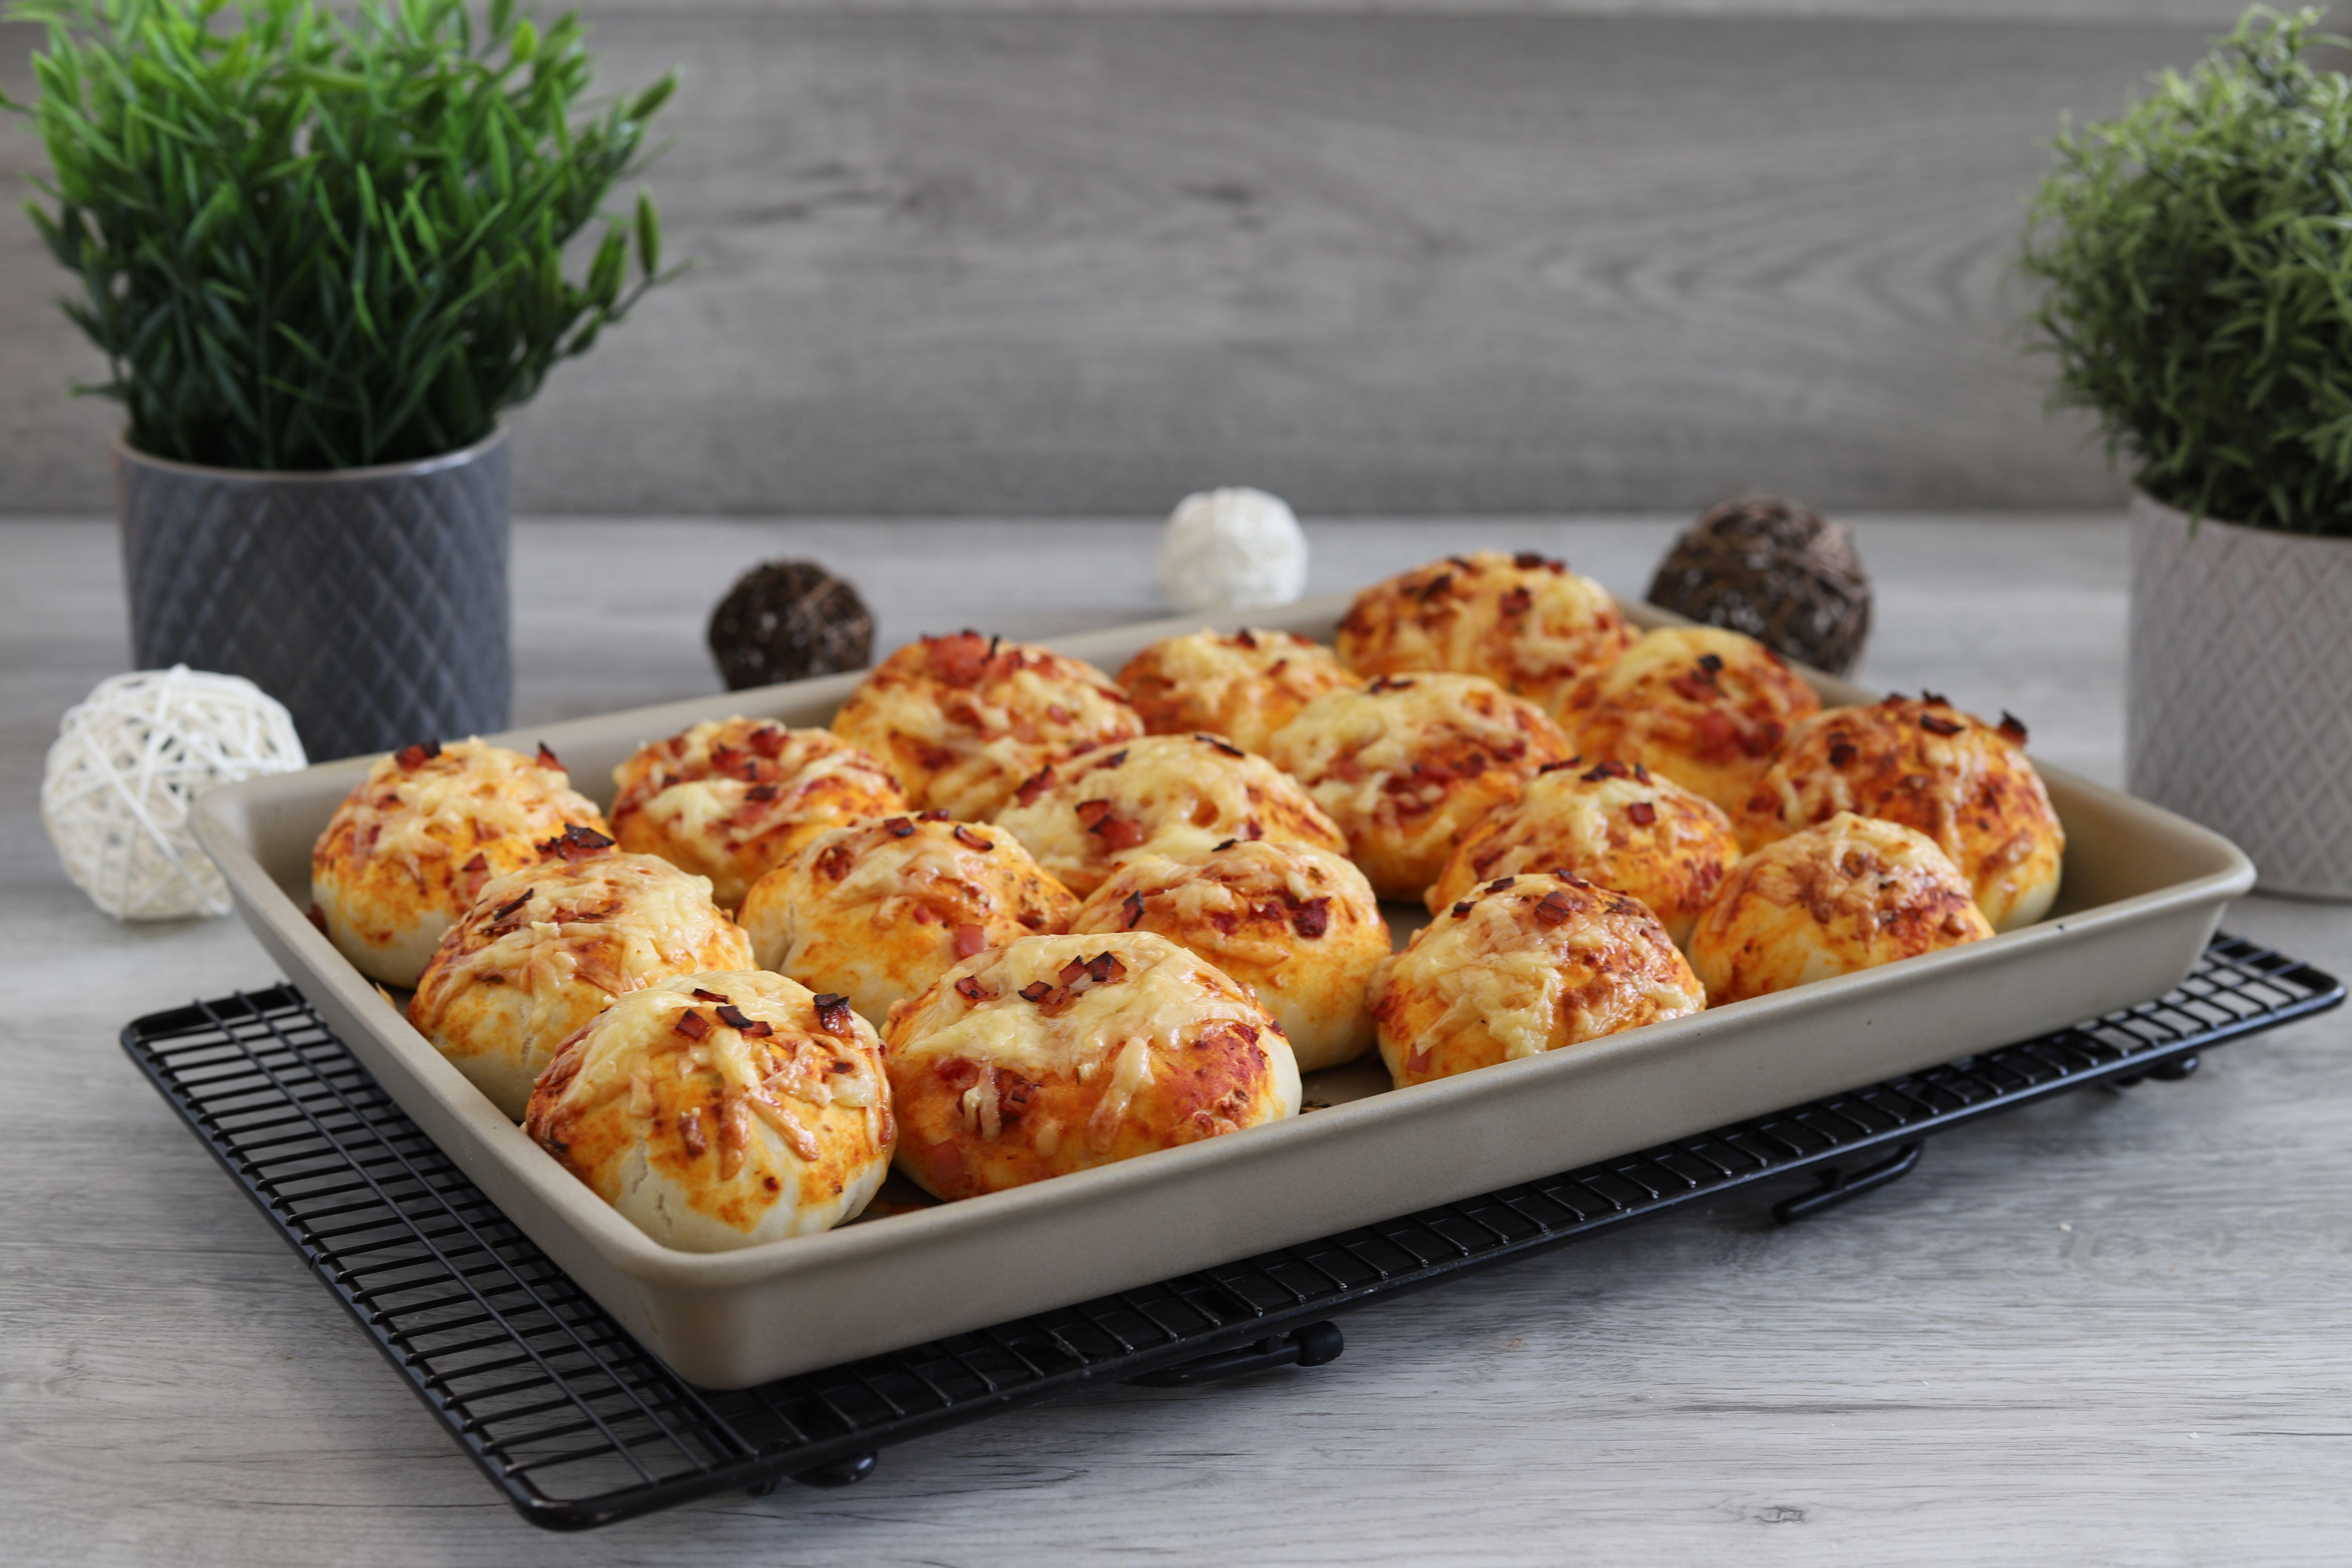 Gefüllte Pizzabrötchen auf der White Lady oder Ofenzauberer von Pampered Chef®